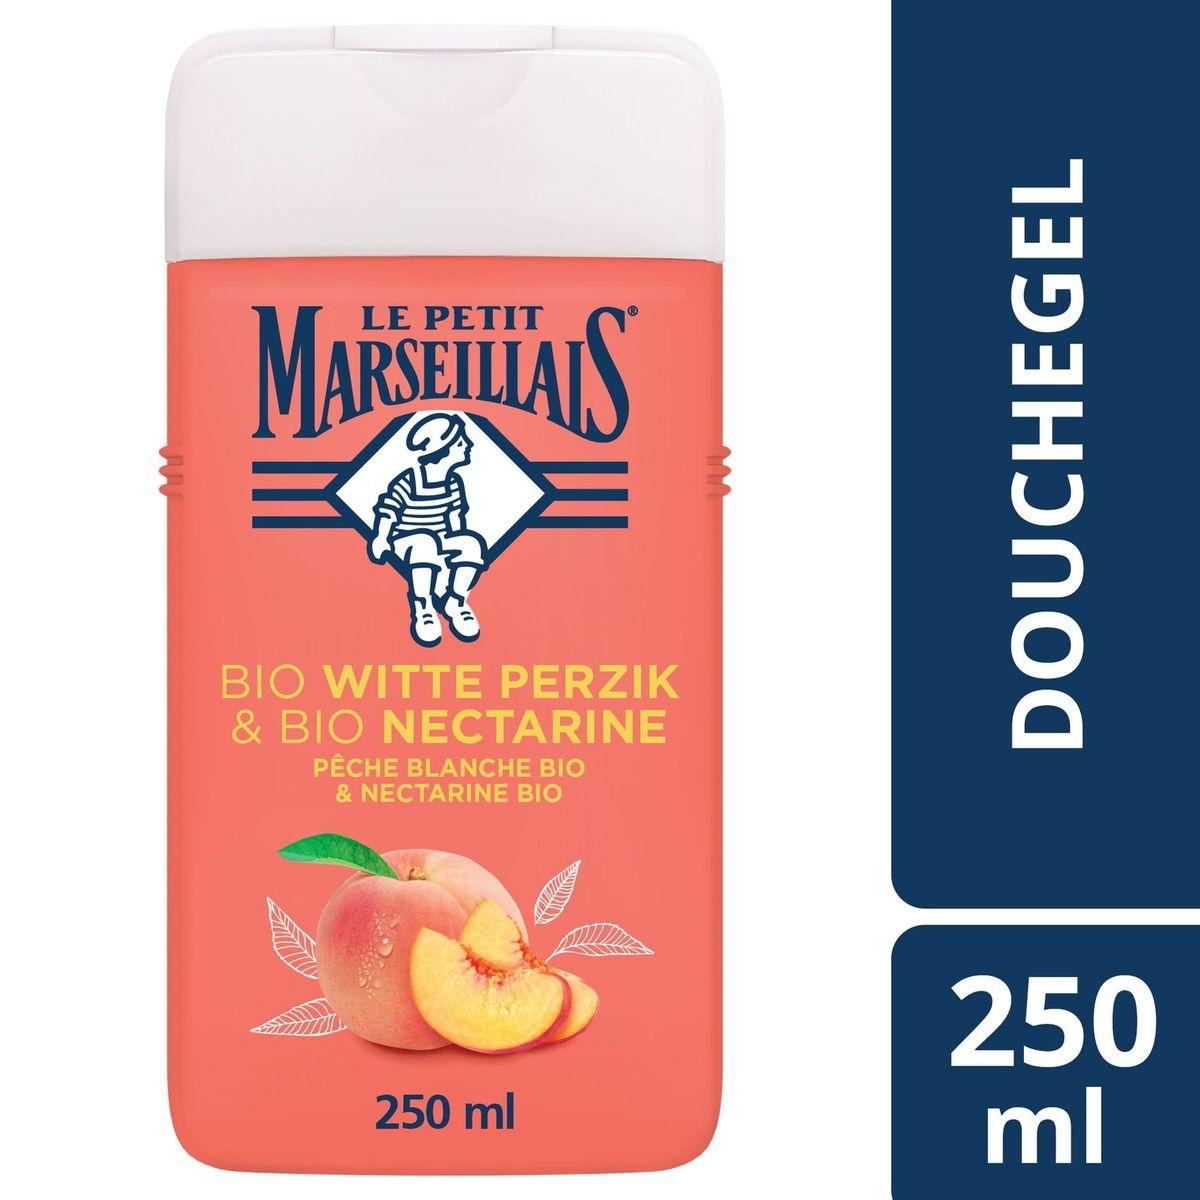 Le Petit Marseillais Gel Douche Extra Doux Pêche Blanche Bio  250 ml